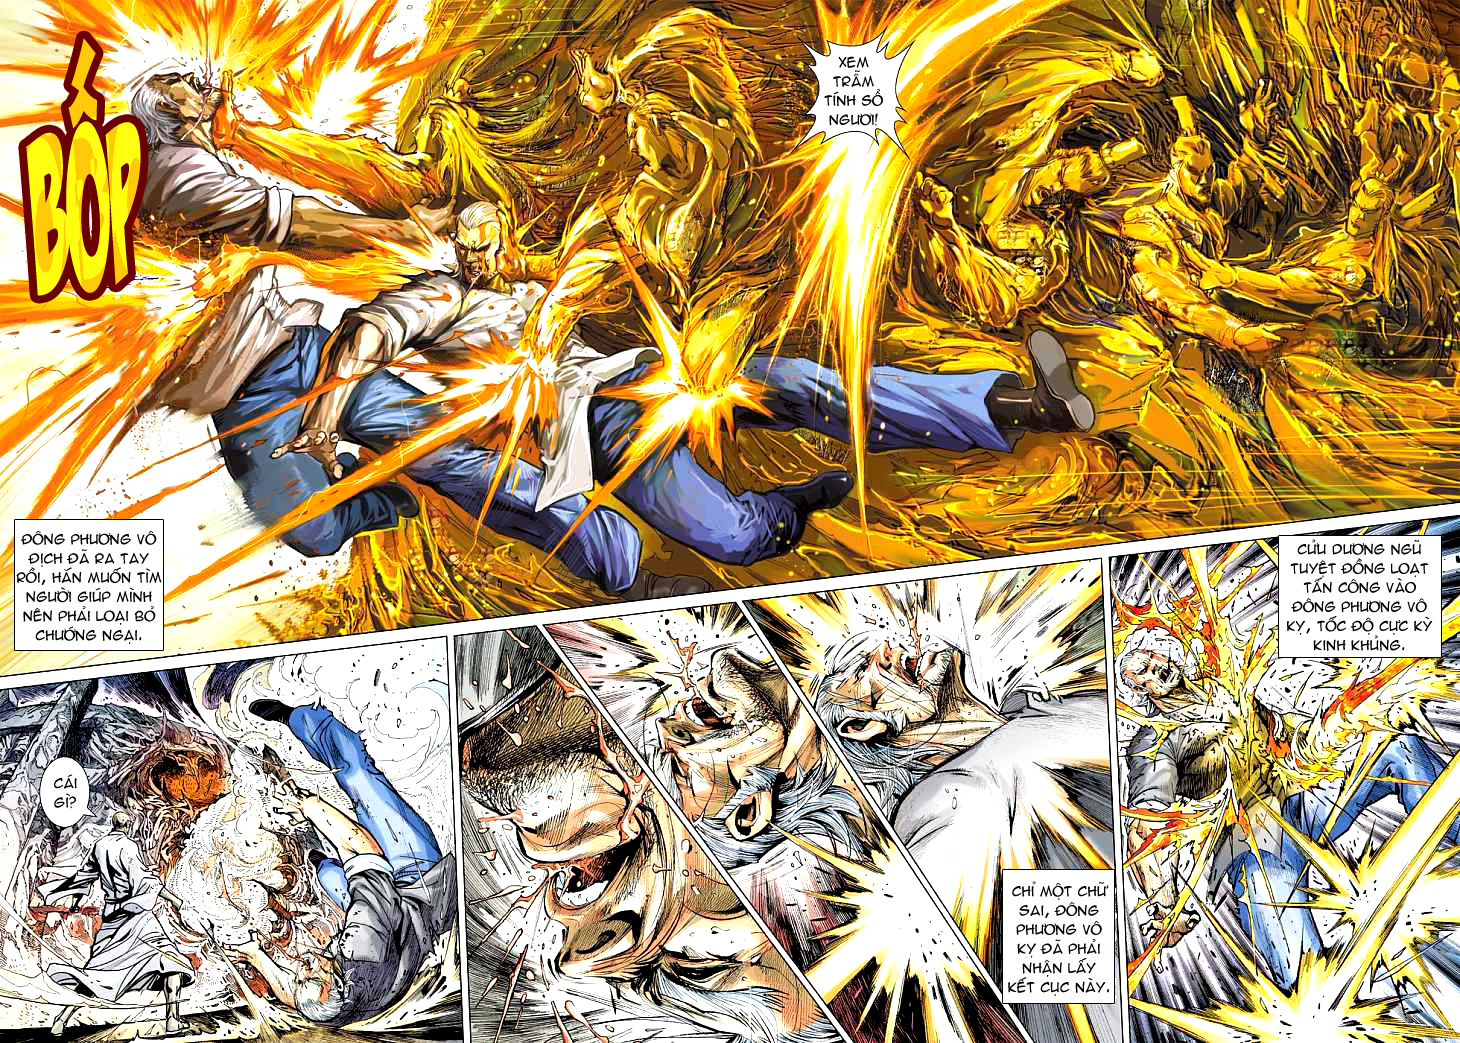 Vương Phong Lôi 1 chap 12 - Trang 12